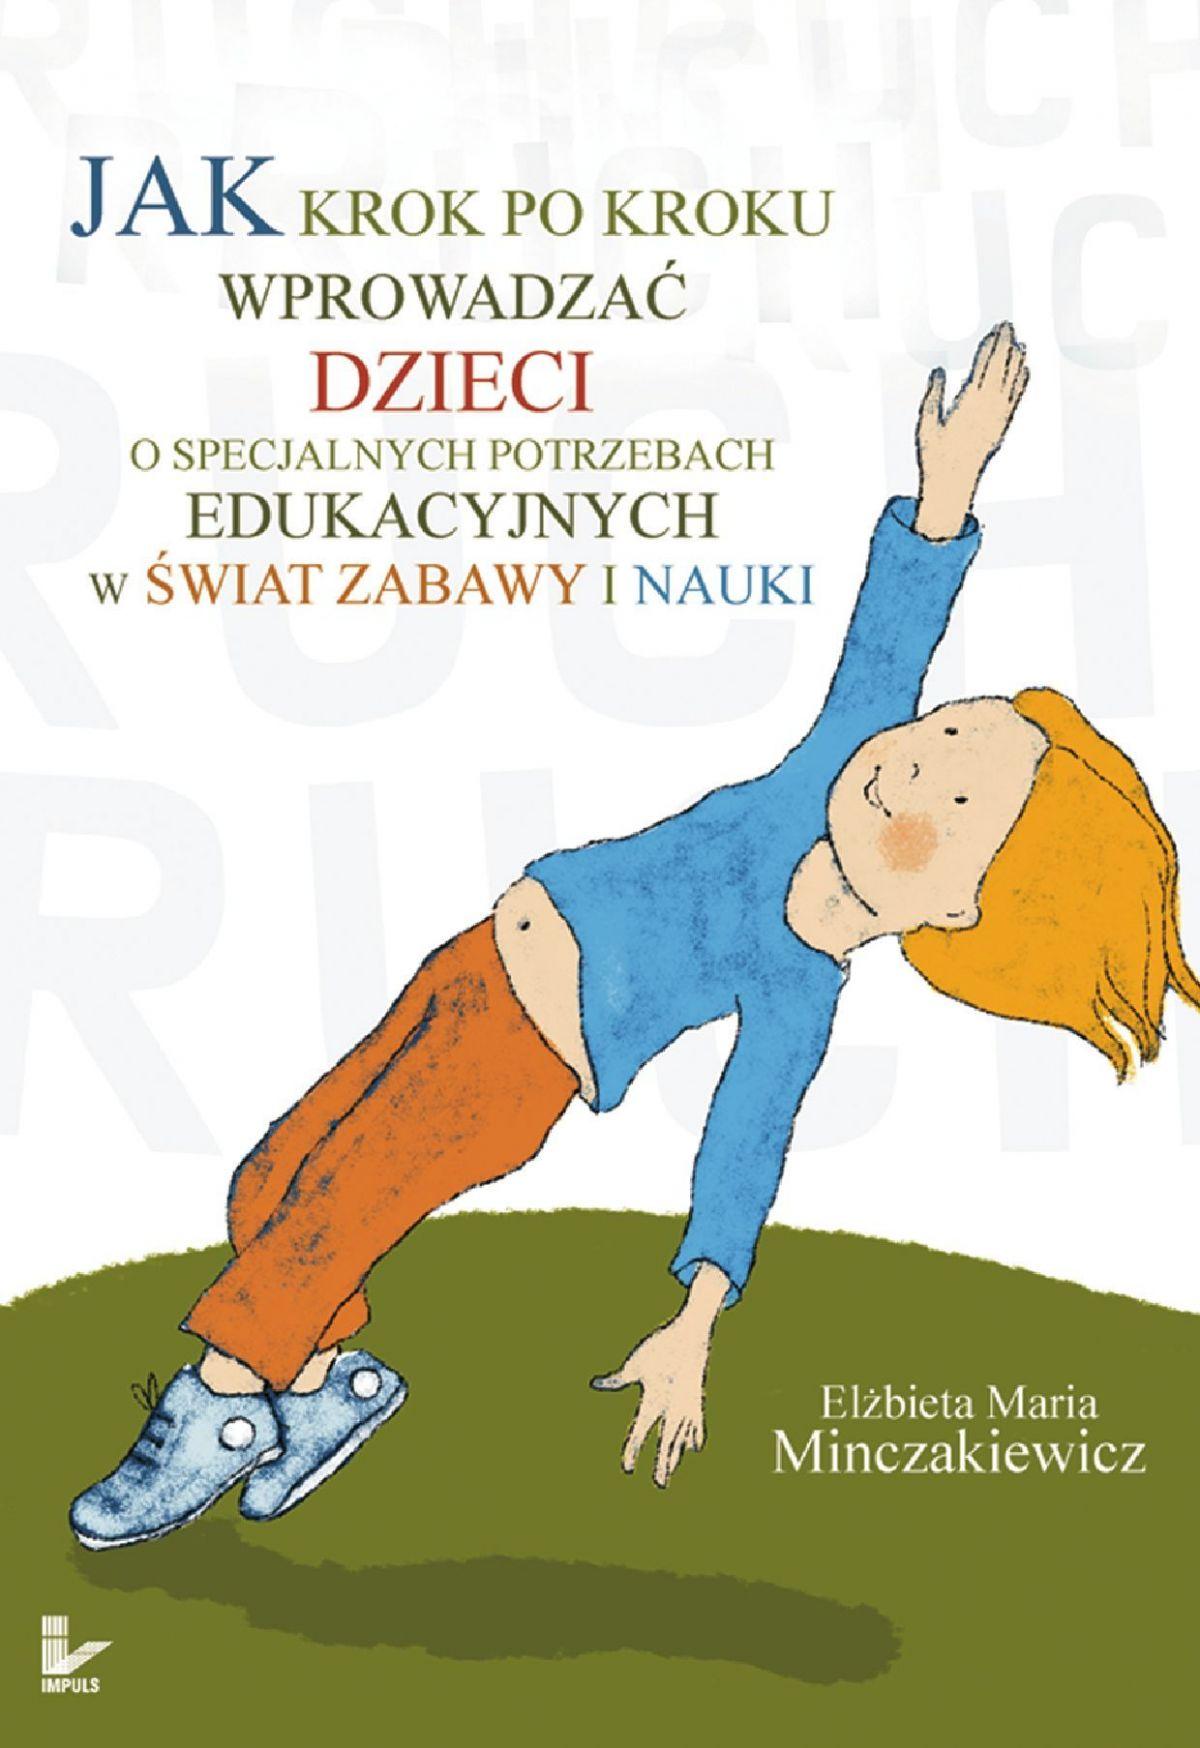 Jak krok po kroku wprowadzać dzieci o specjalnych potrzebach edukacyjnych w świat zabawy i nauki - Ebook (Książka na Kindle) do pobrania w formacie MOBI